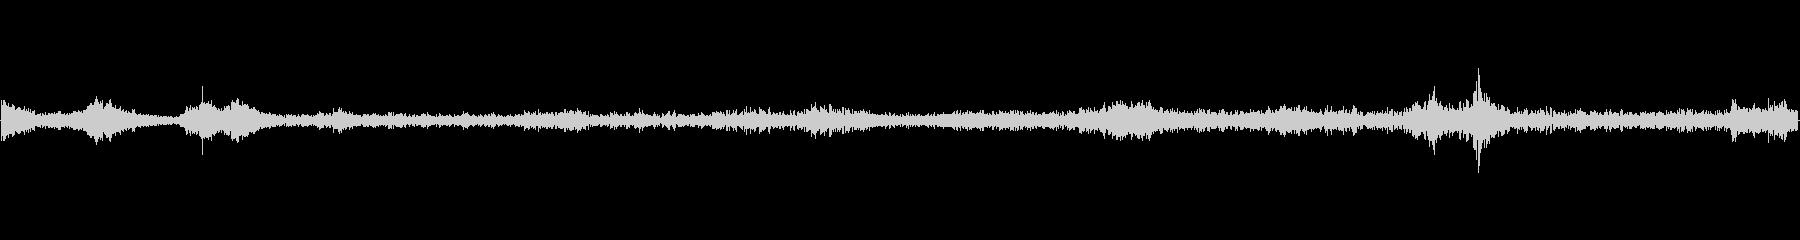 重機で建物(パン工場)を解体する音 の未再生の波形